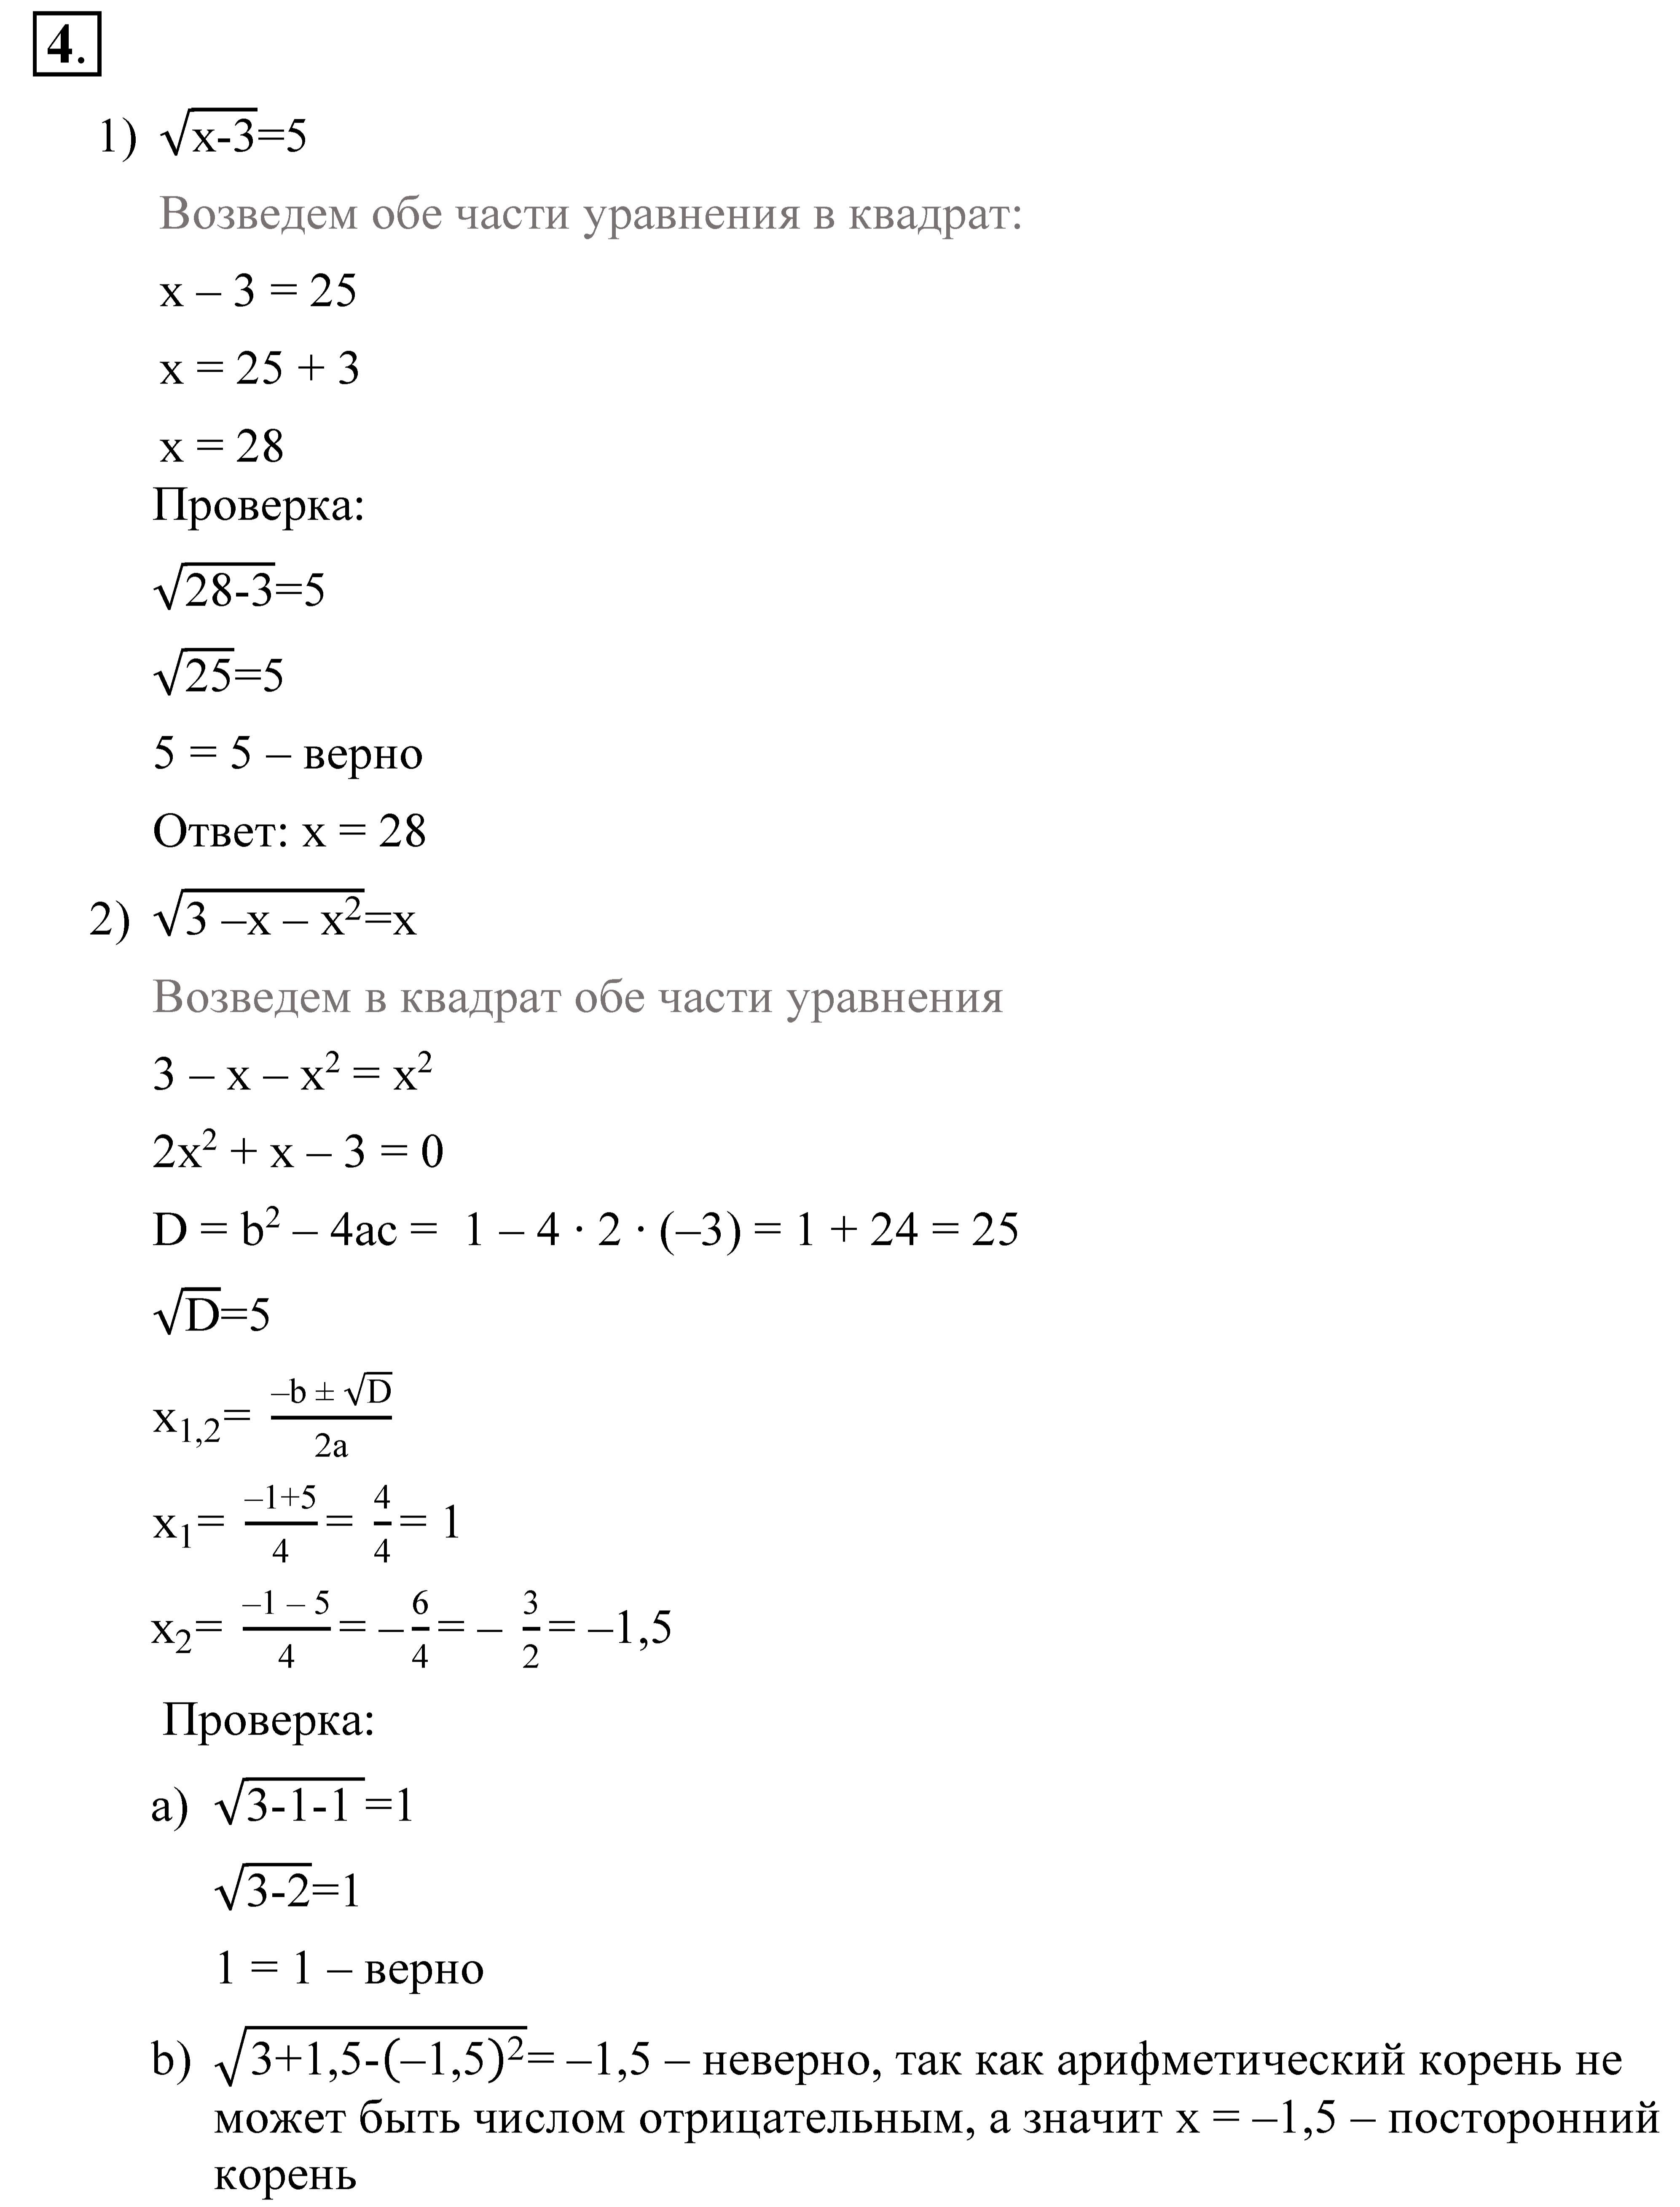 10 алгебре класс себя гдз по онлайн проверь за алимов